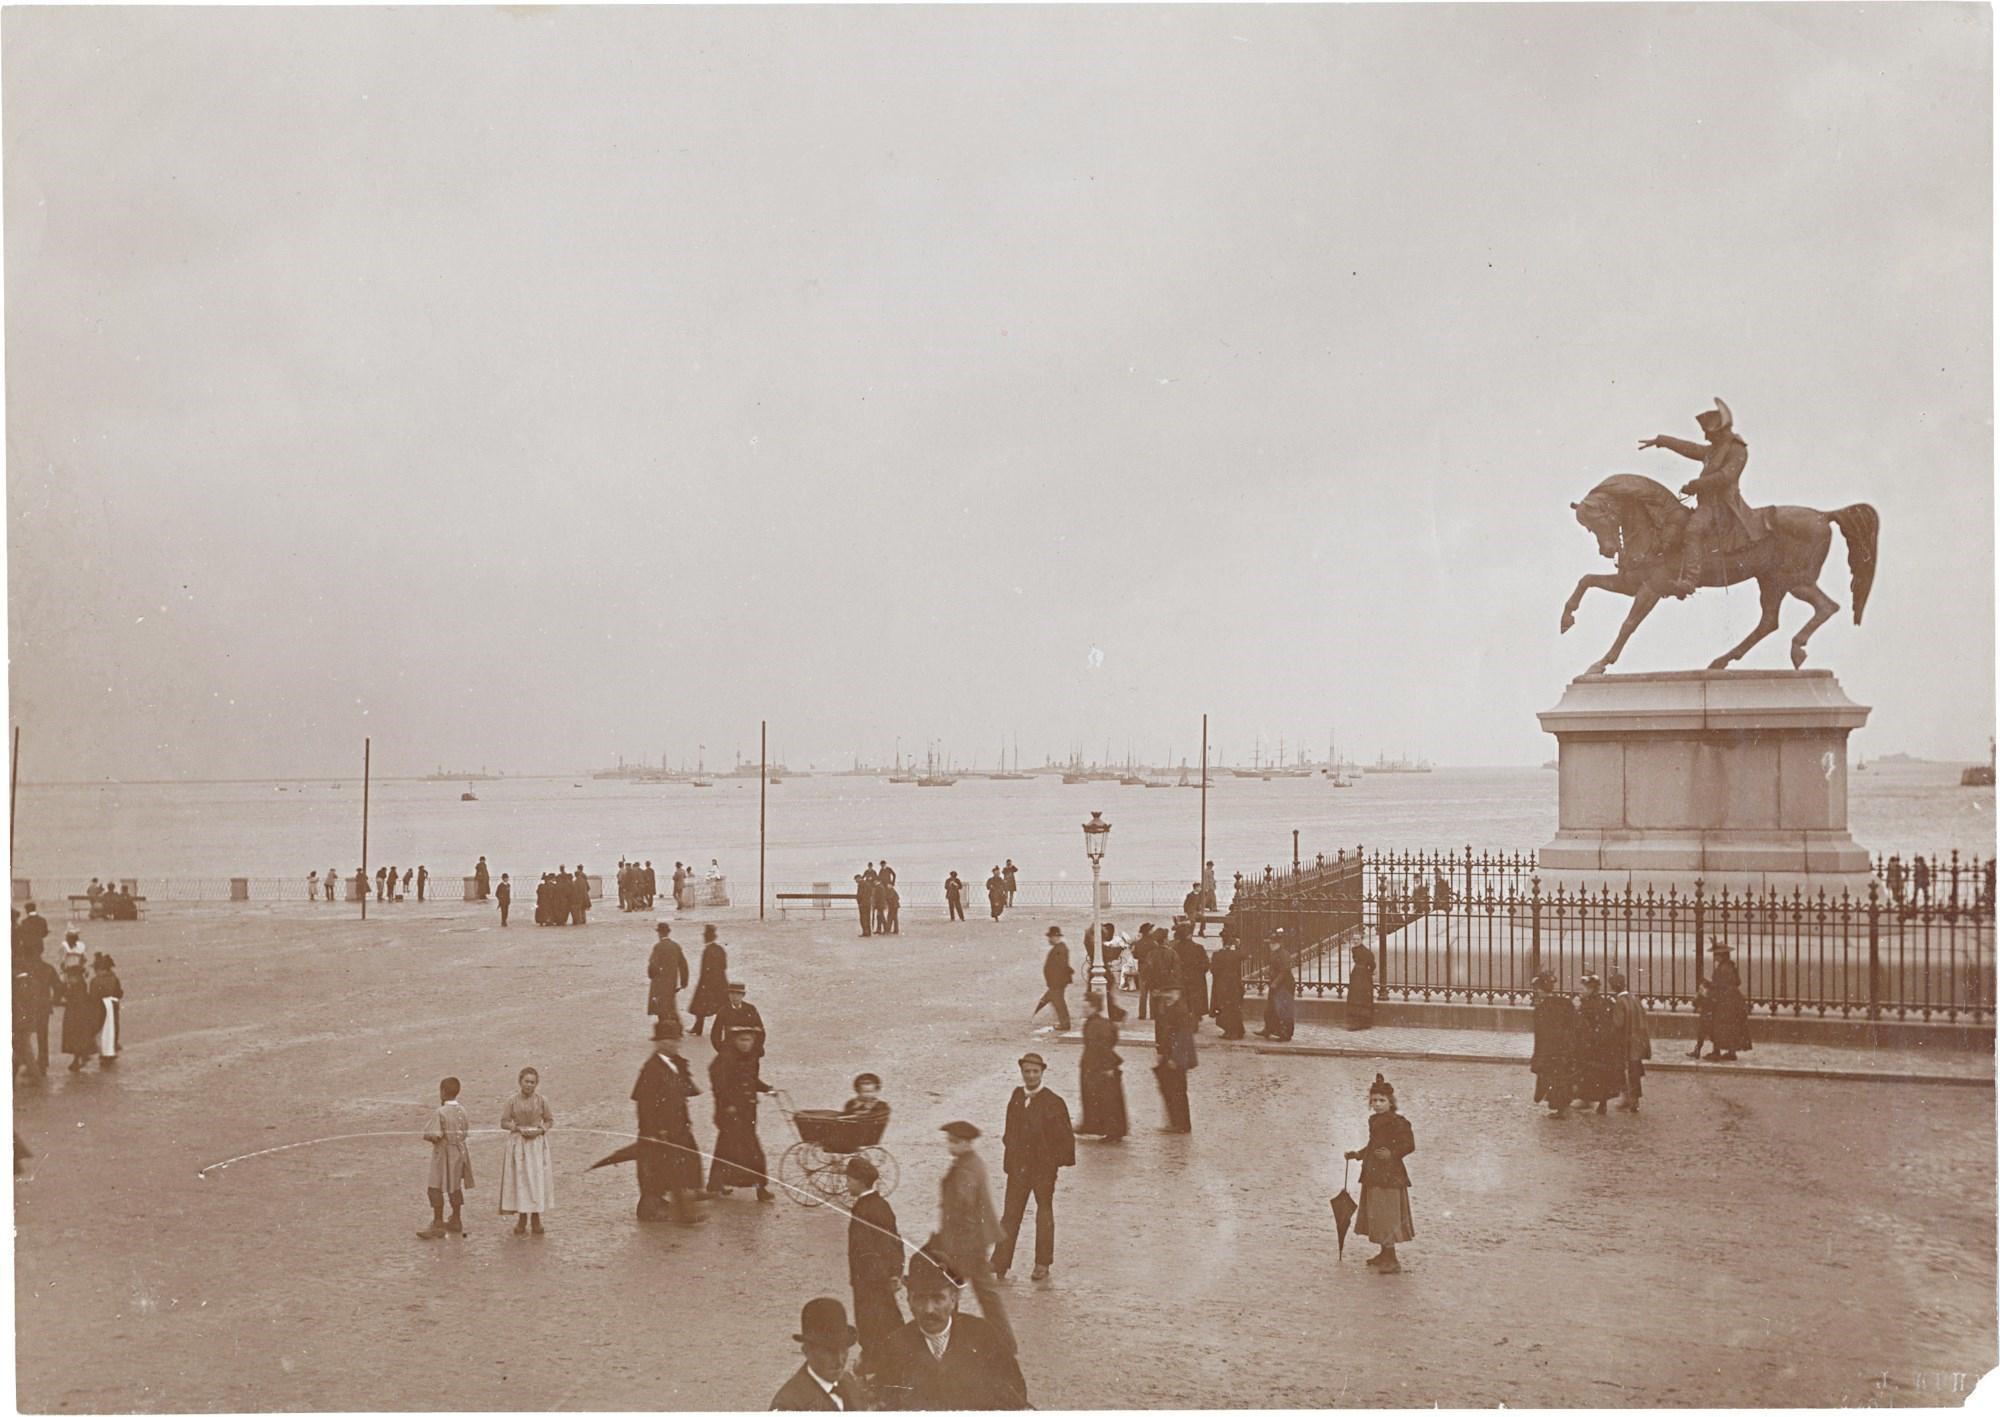 02. Французская эскадра, сопровождающая императорскую яхту «Полярная звезда», на рейде Шербура